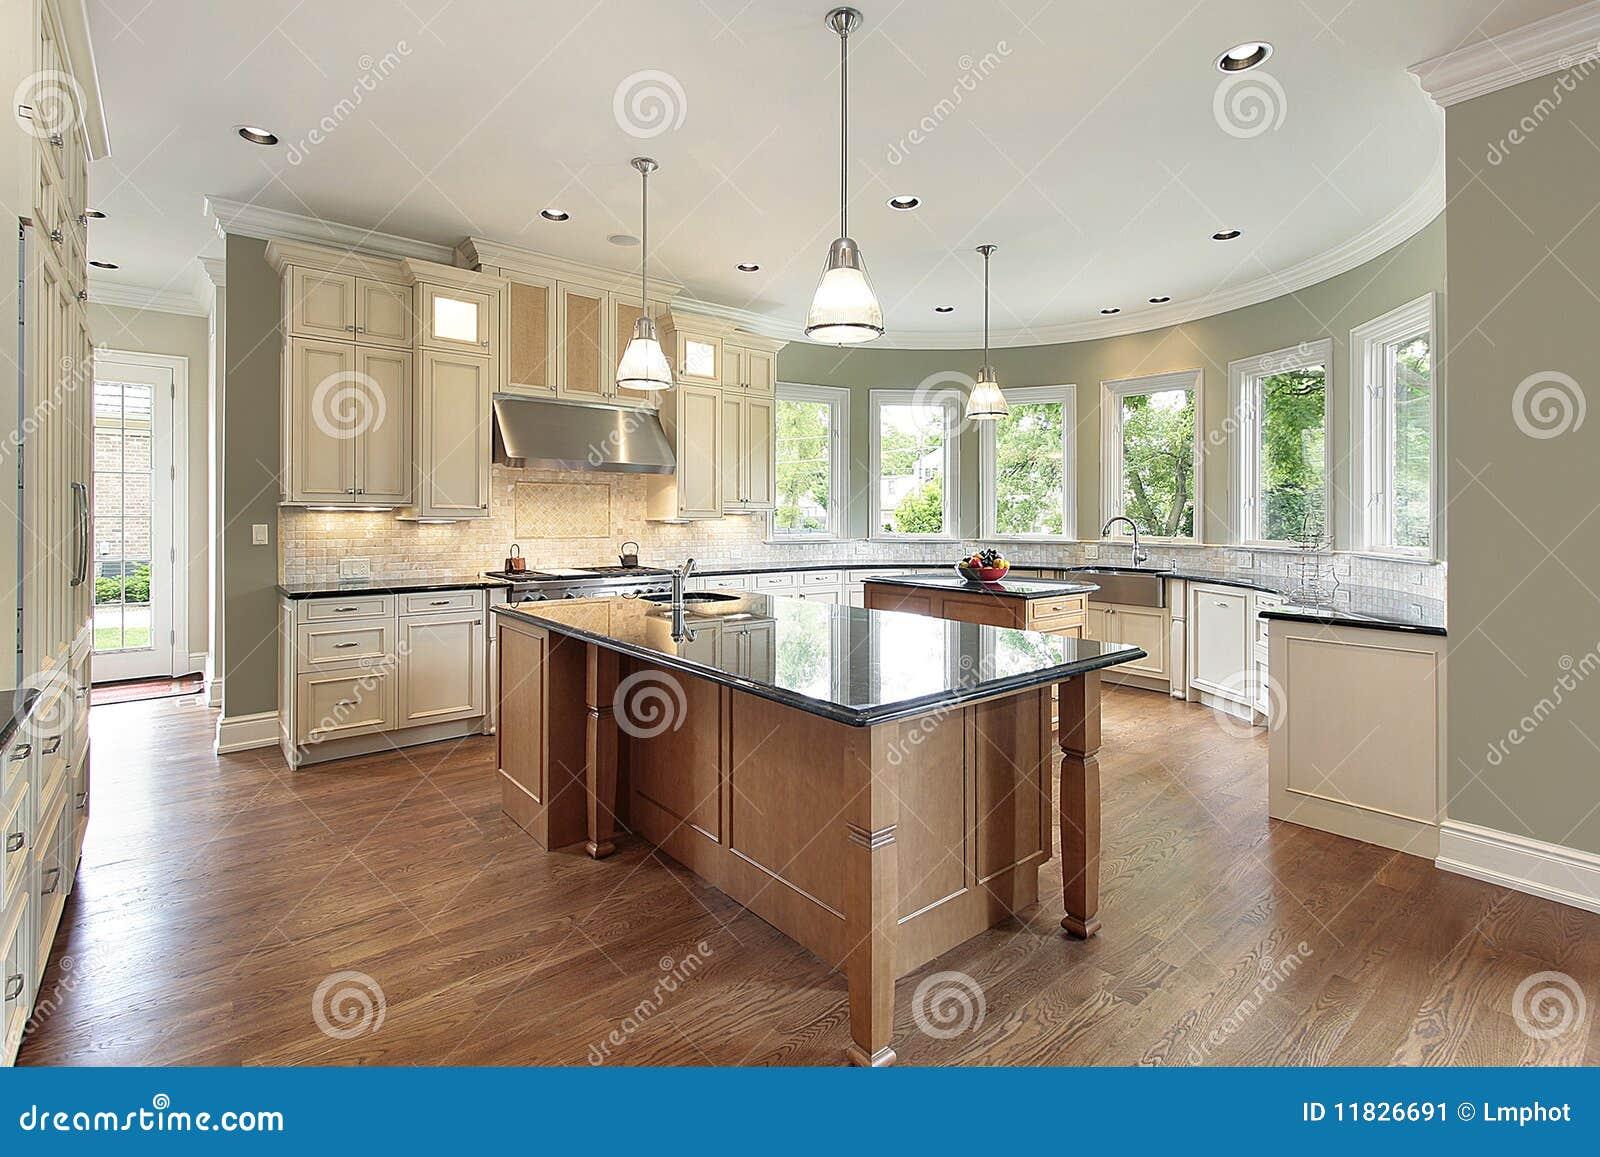 Keuken Met Gebogen Muren Stock Afbeelding - Afbeelding: 11826691